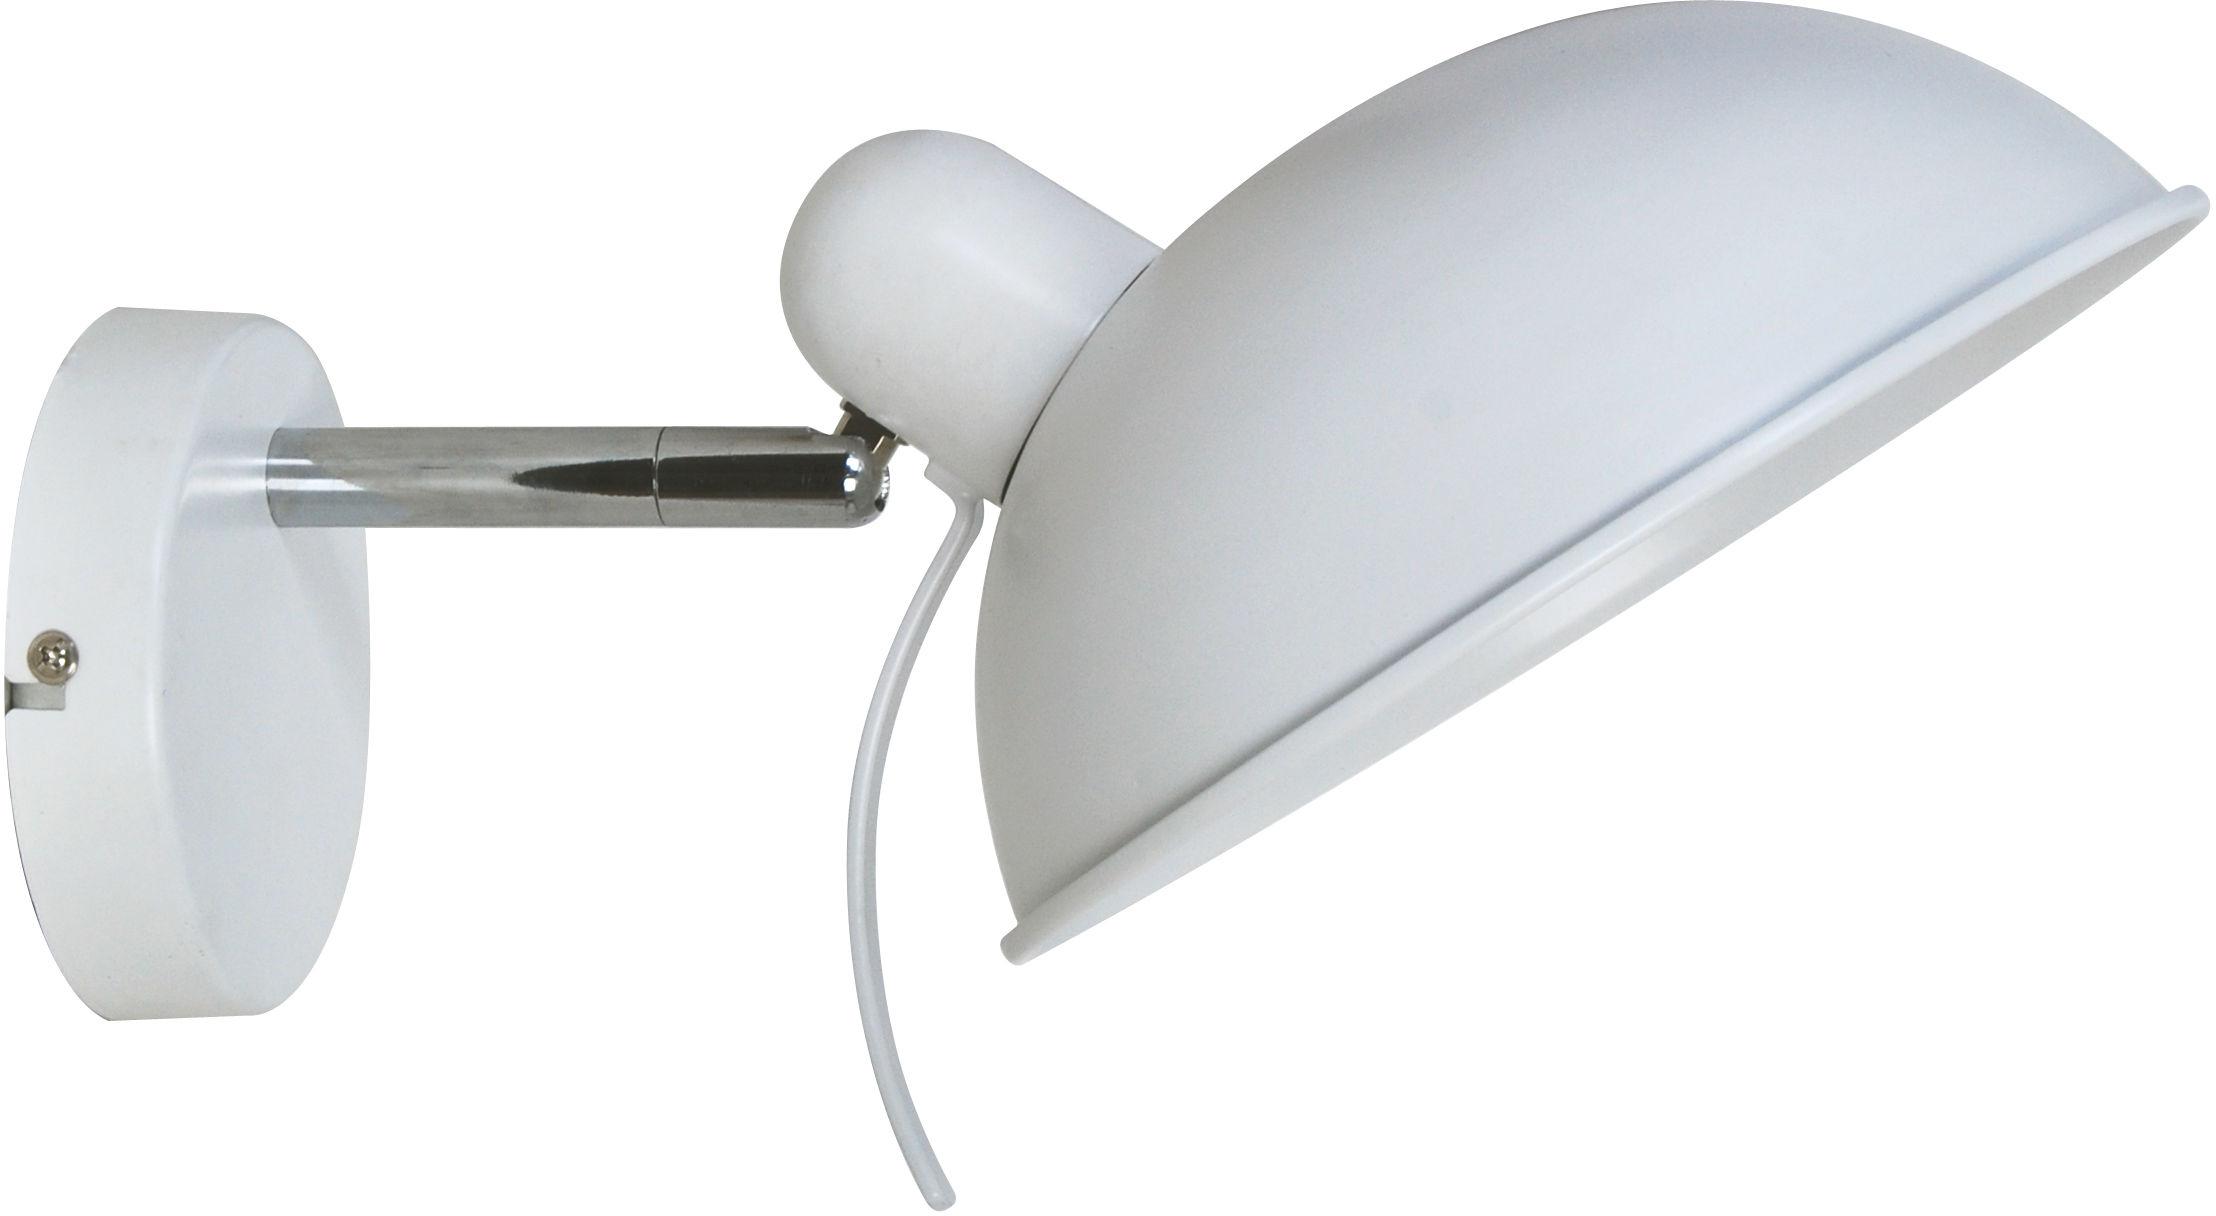 Candellux DURIO 21-51448 kinkiet lampa ścienna biały regulowany klosz 1X40W E14 21cm